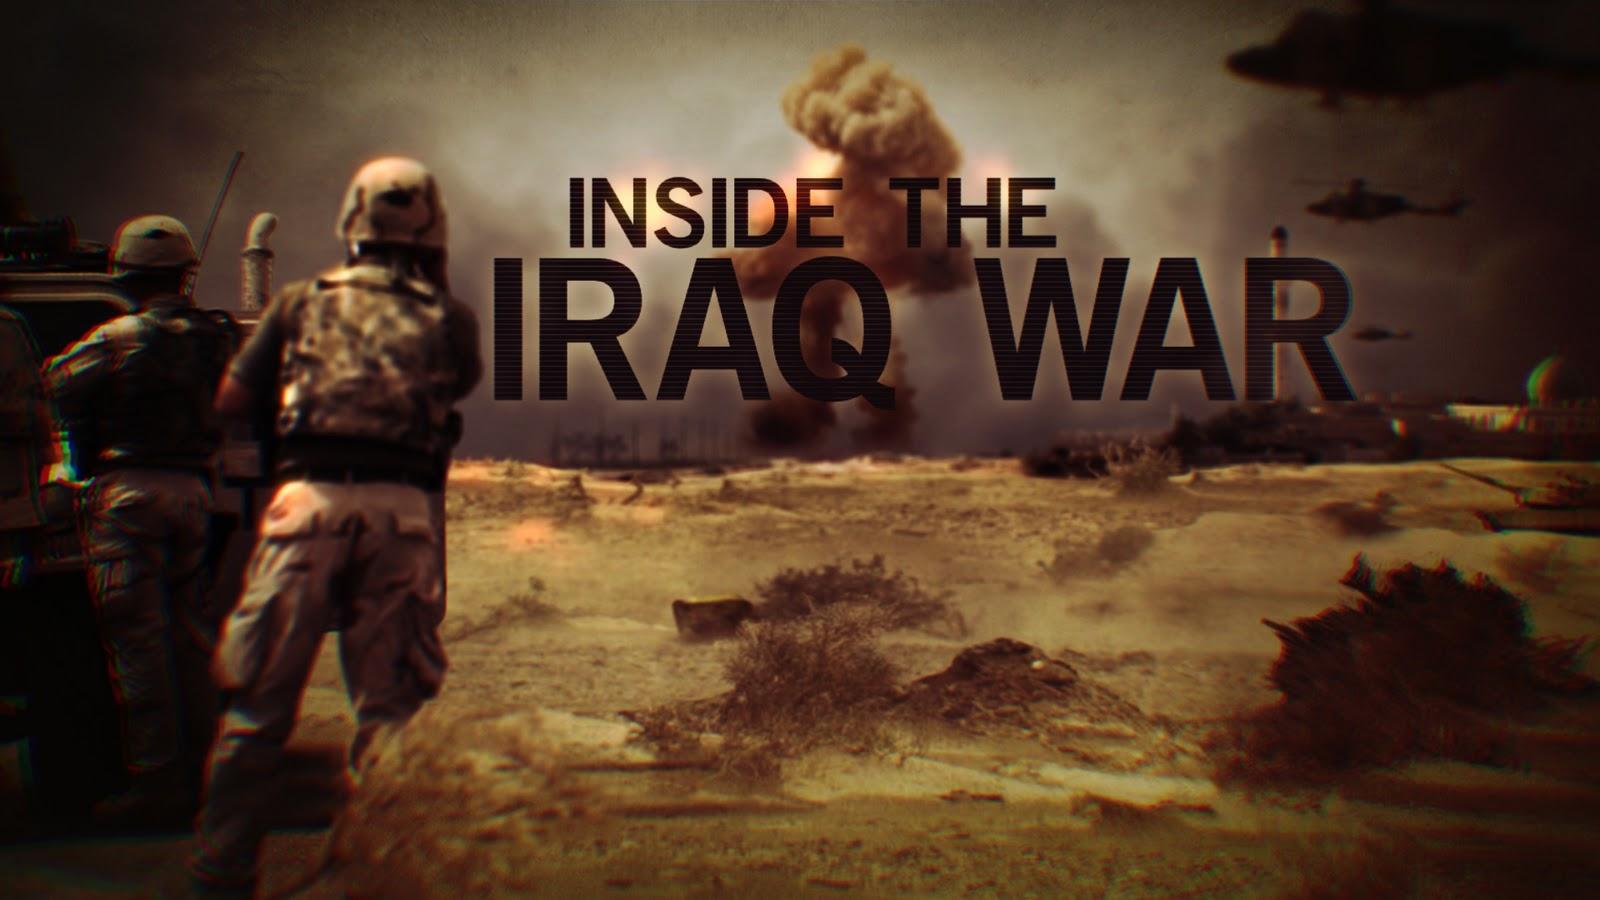 https://3.bp.blogspot.com/-iiGiBJsF89E/Tx6lej8pBoI/AAAAAAAABaM/R1cjguFCYt8/s1600/Inside_the_Iraq_War.jpg